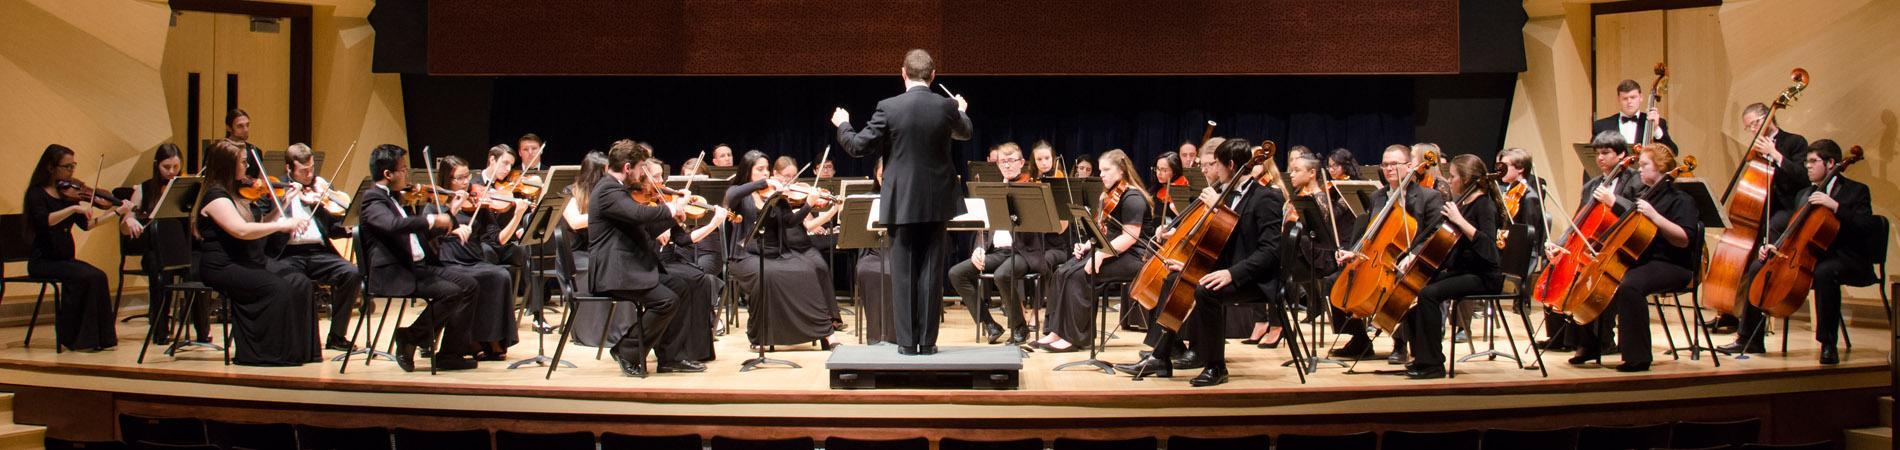 Student Ensemble Series and Recitals